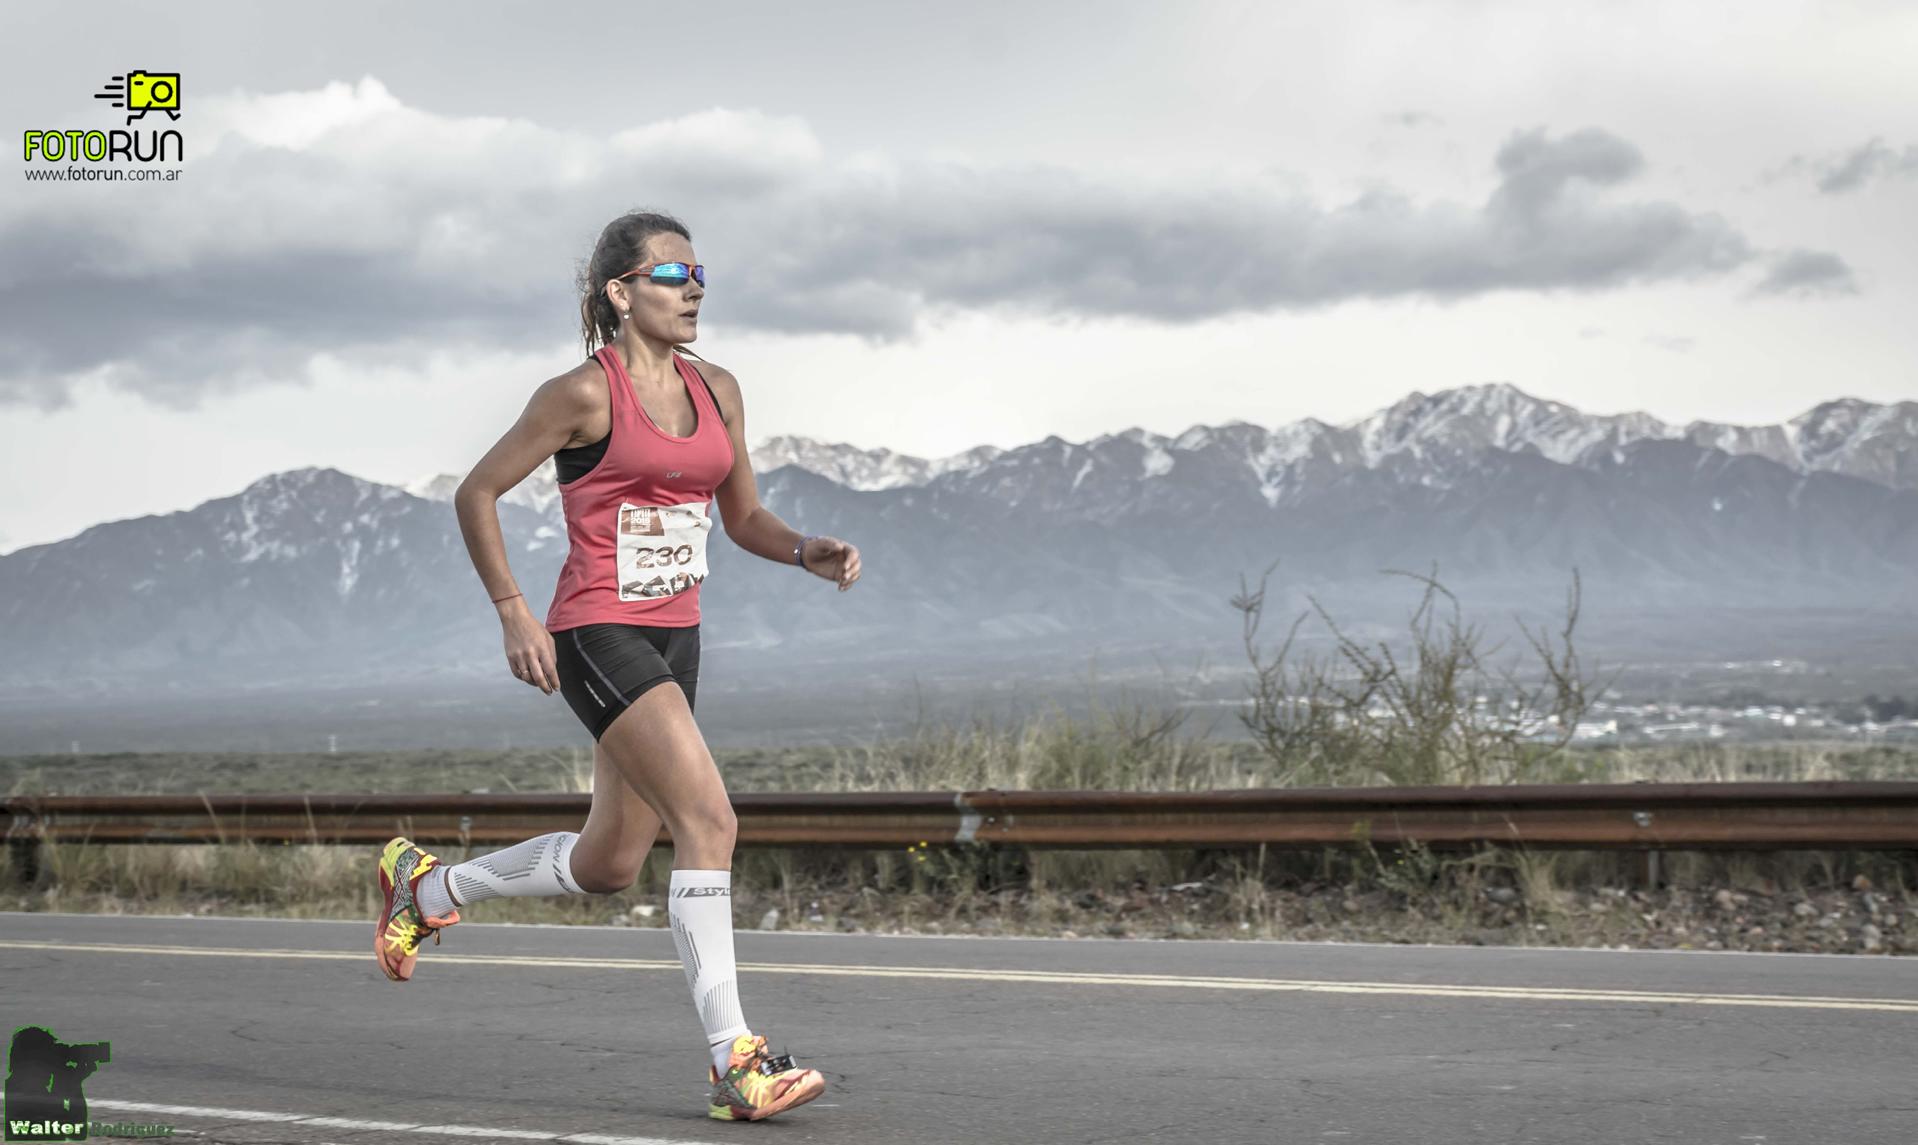 Esto fué la 17° Maratón Internacional de Mendoza.